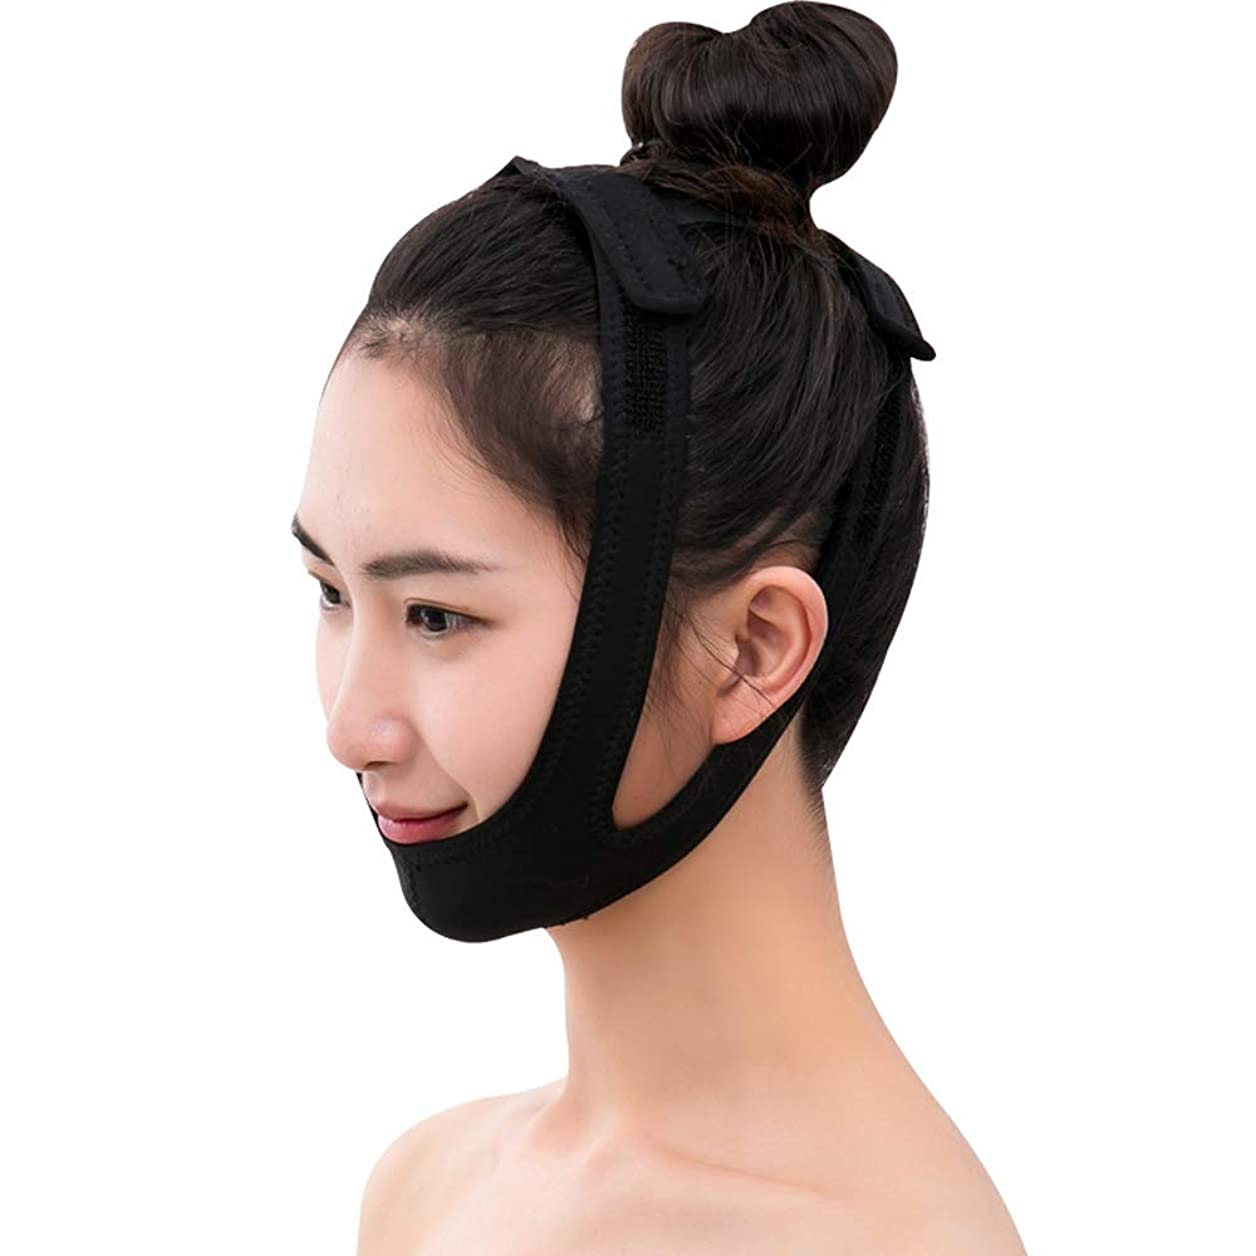 無効麻痺寄付するフェイスリフティング包帯、Vフェイス睡眠フェイスマスク、整形と持ち上げ、ダブルチンストラップ